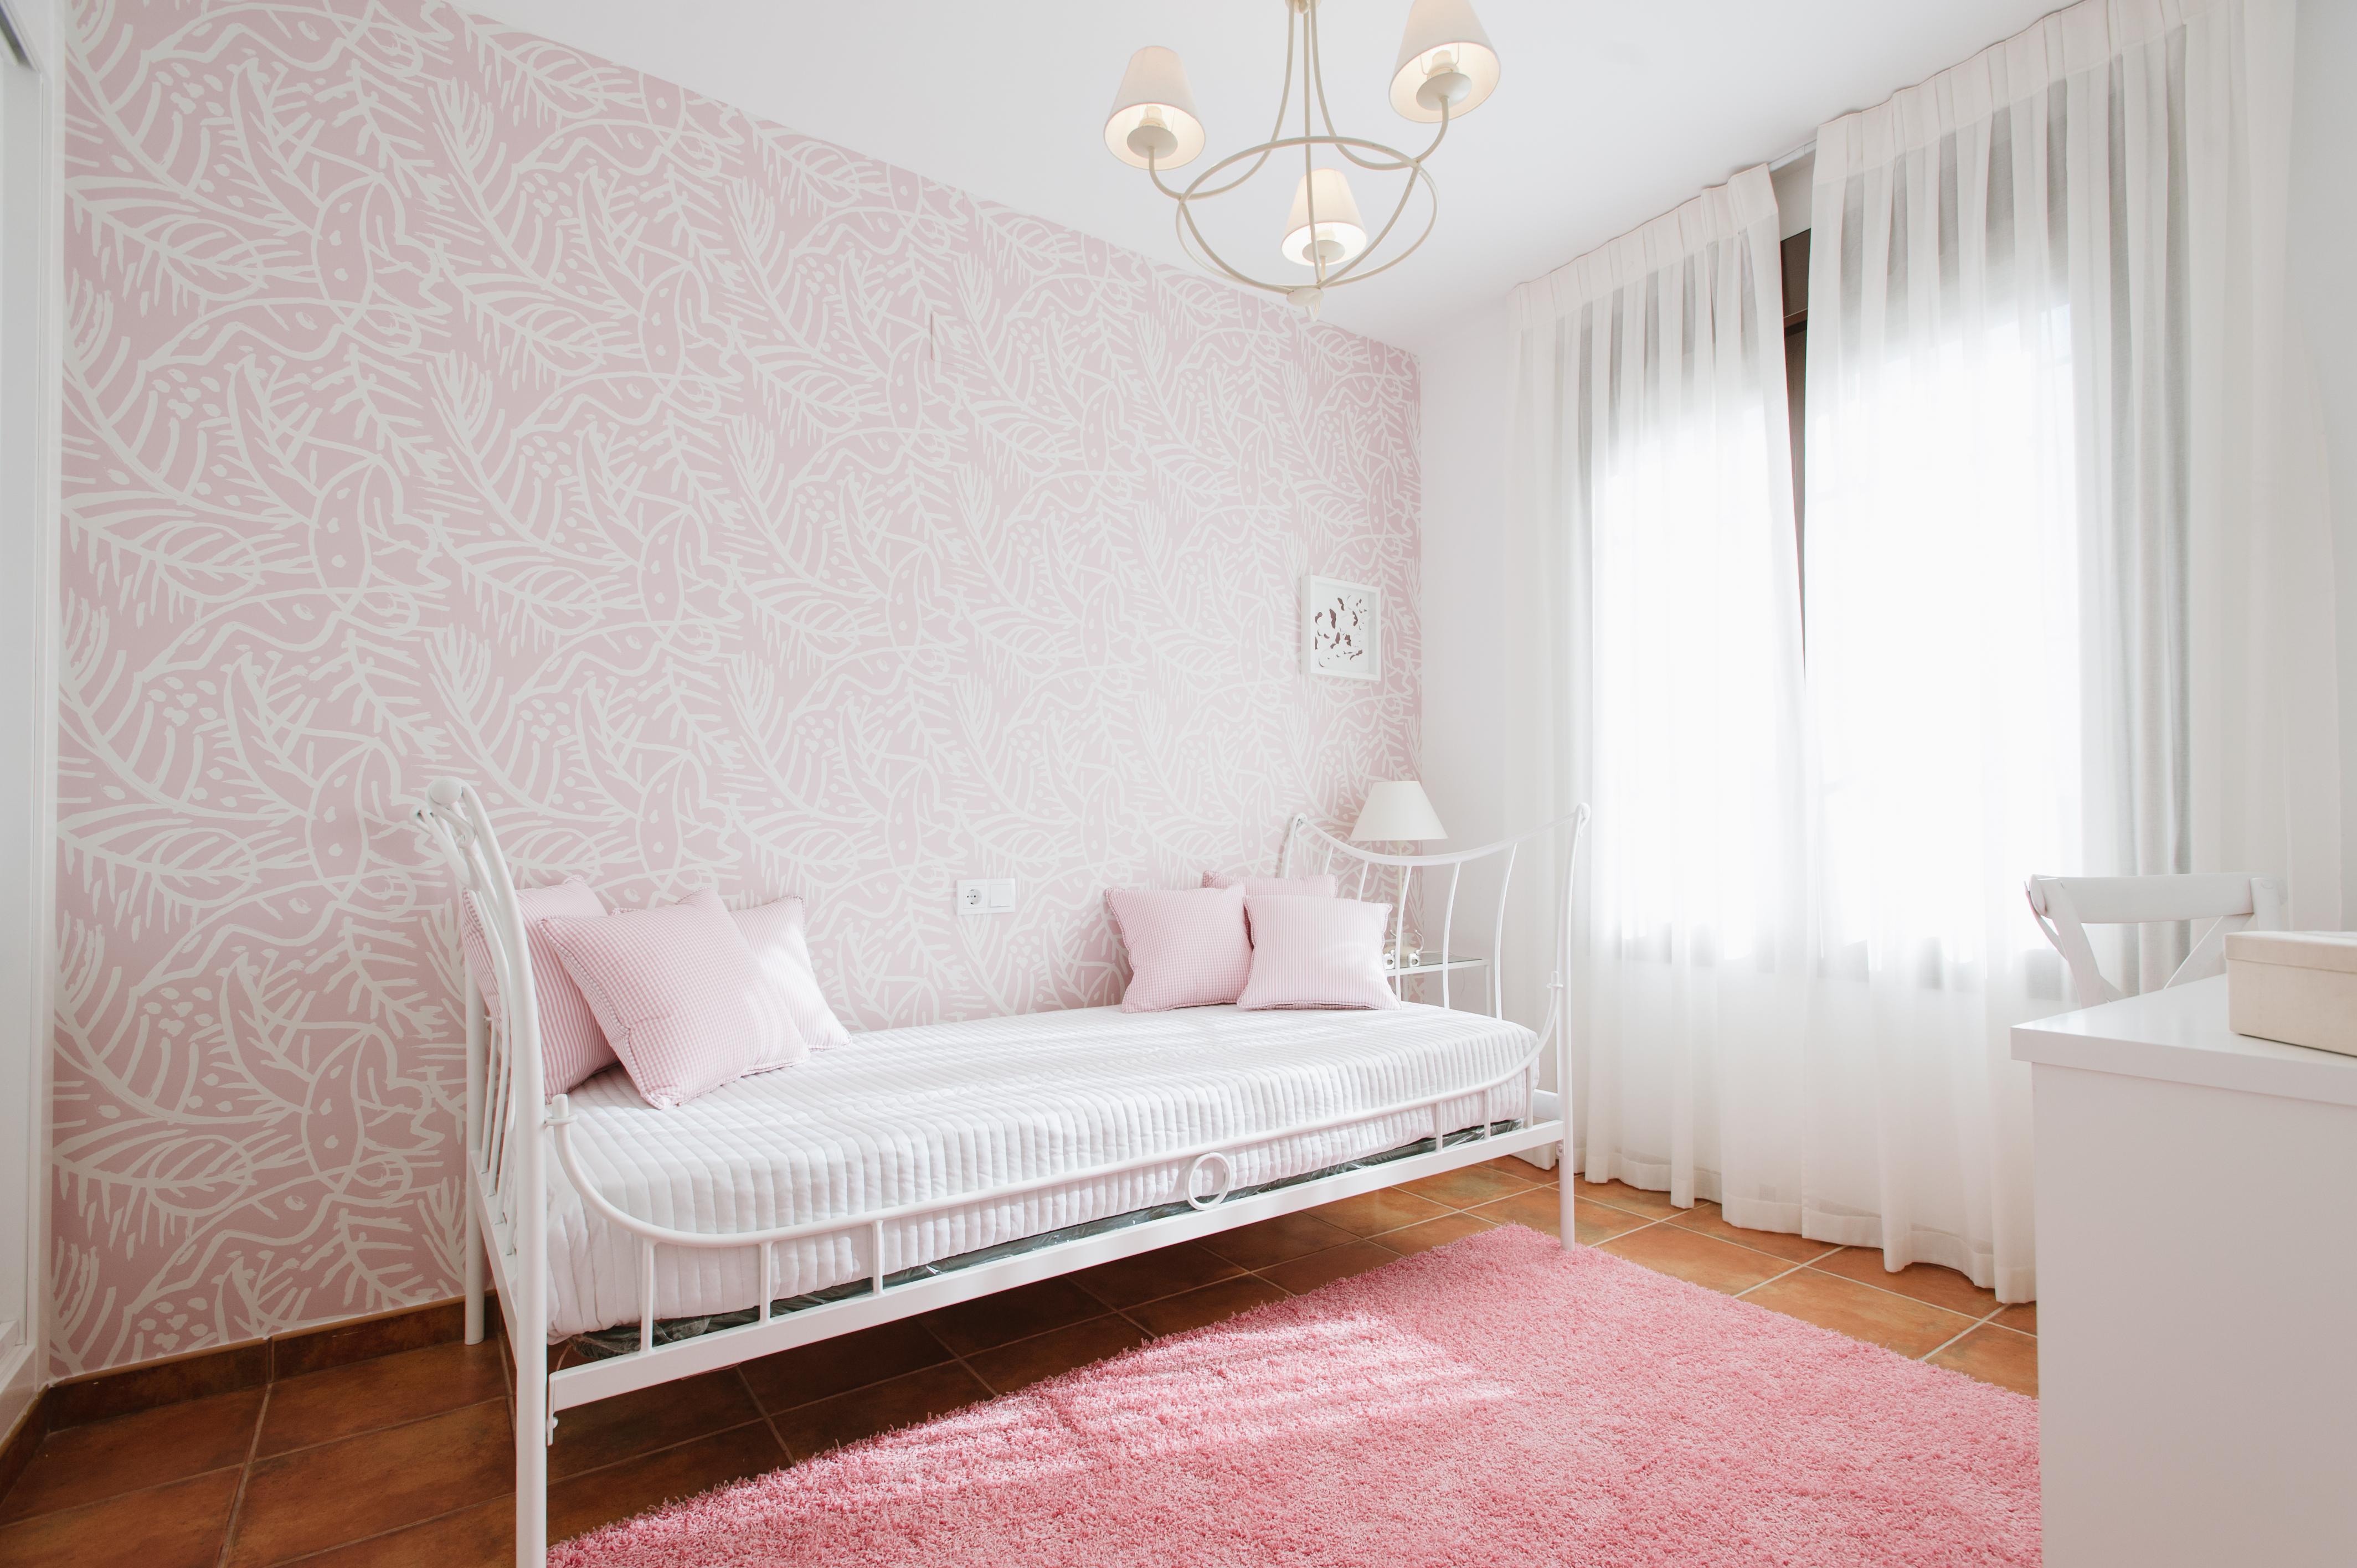 Alfombras Juveniles Dormitorio Trendy Gua Para Decorar Google  ~ Papel Para Habitaciones Juveniles